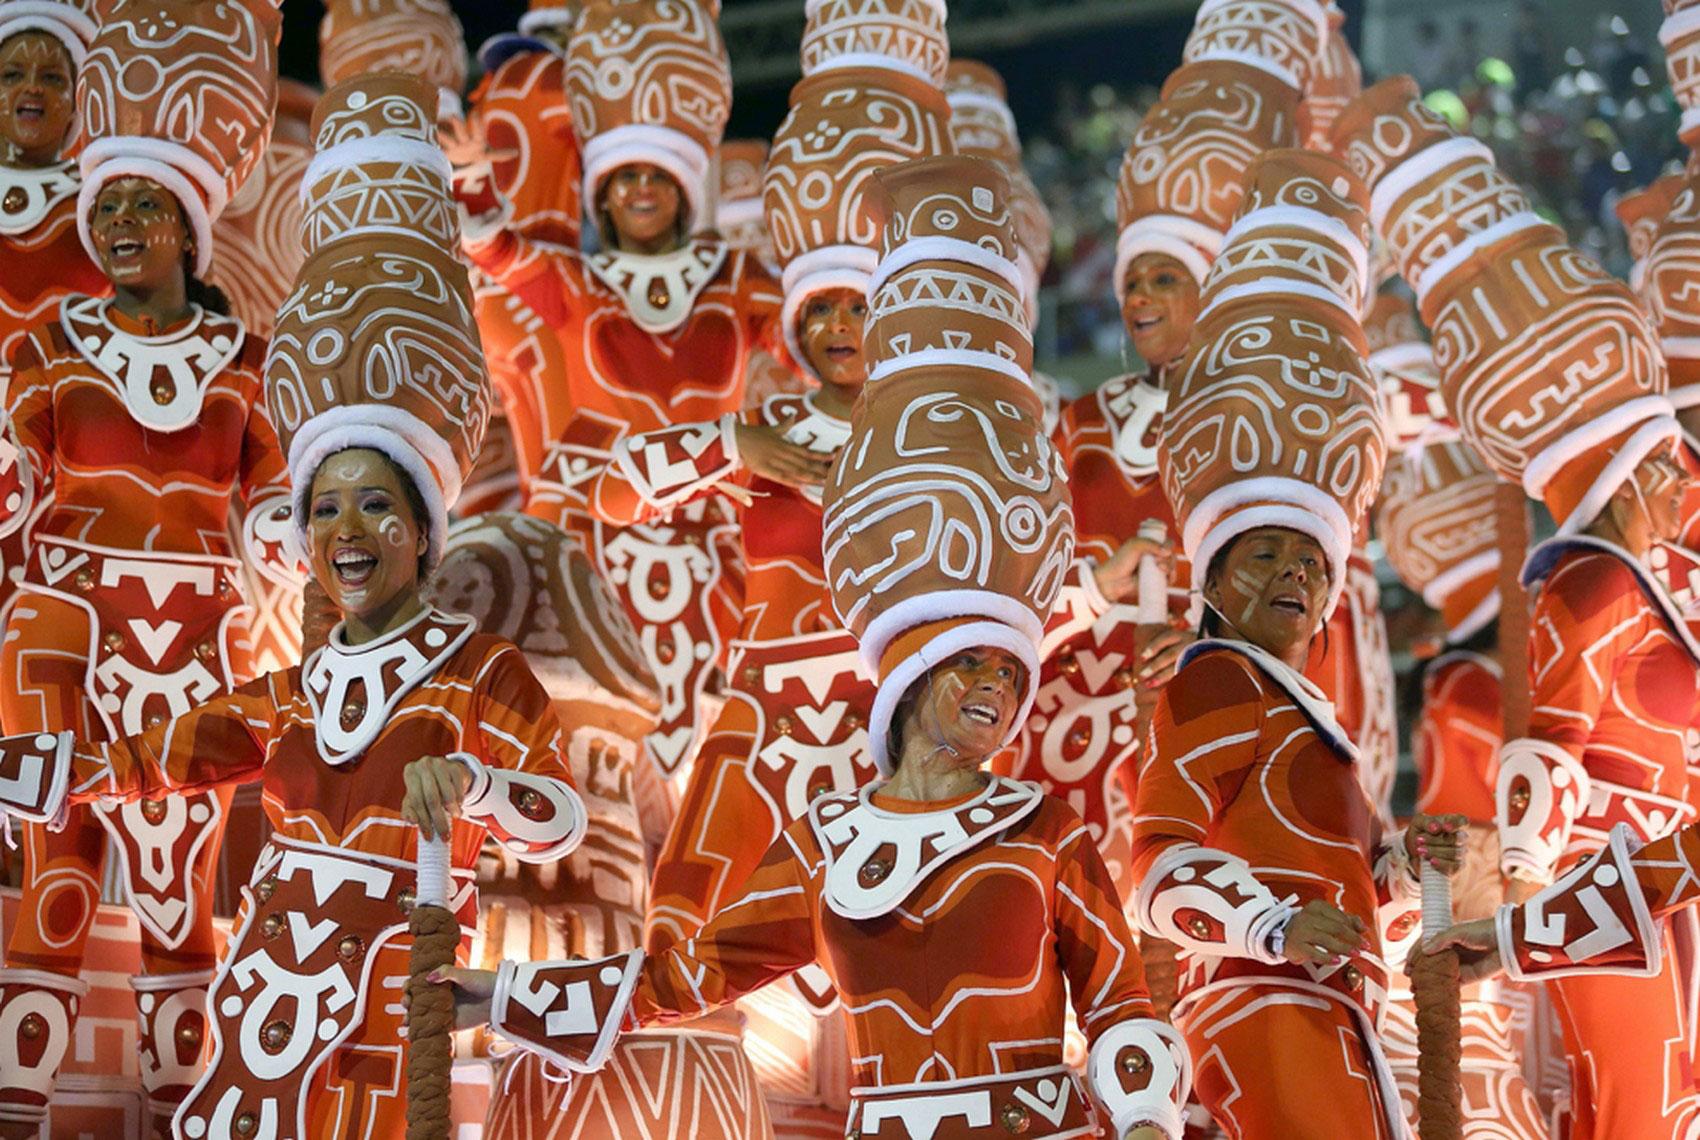 шествие карнавала, фото